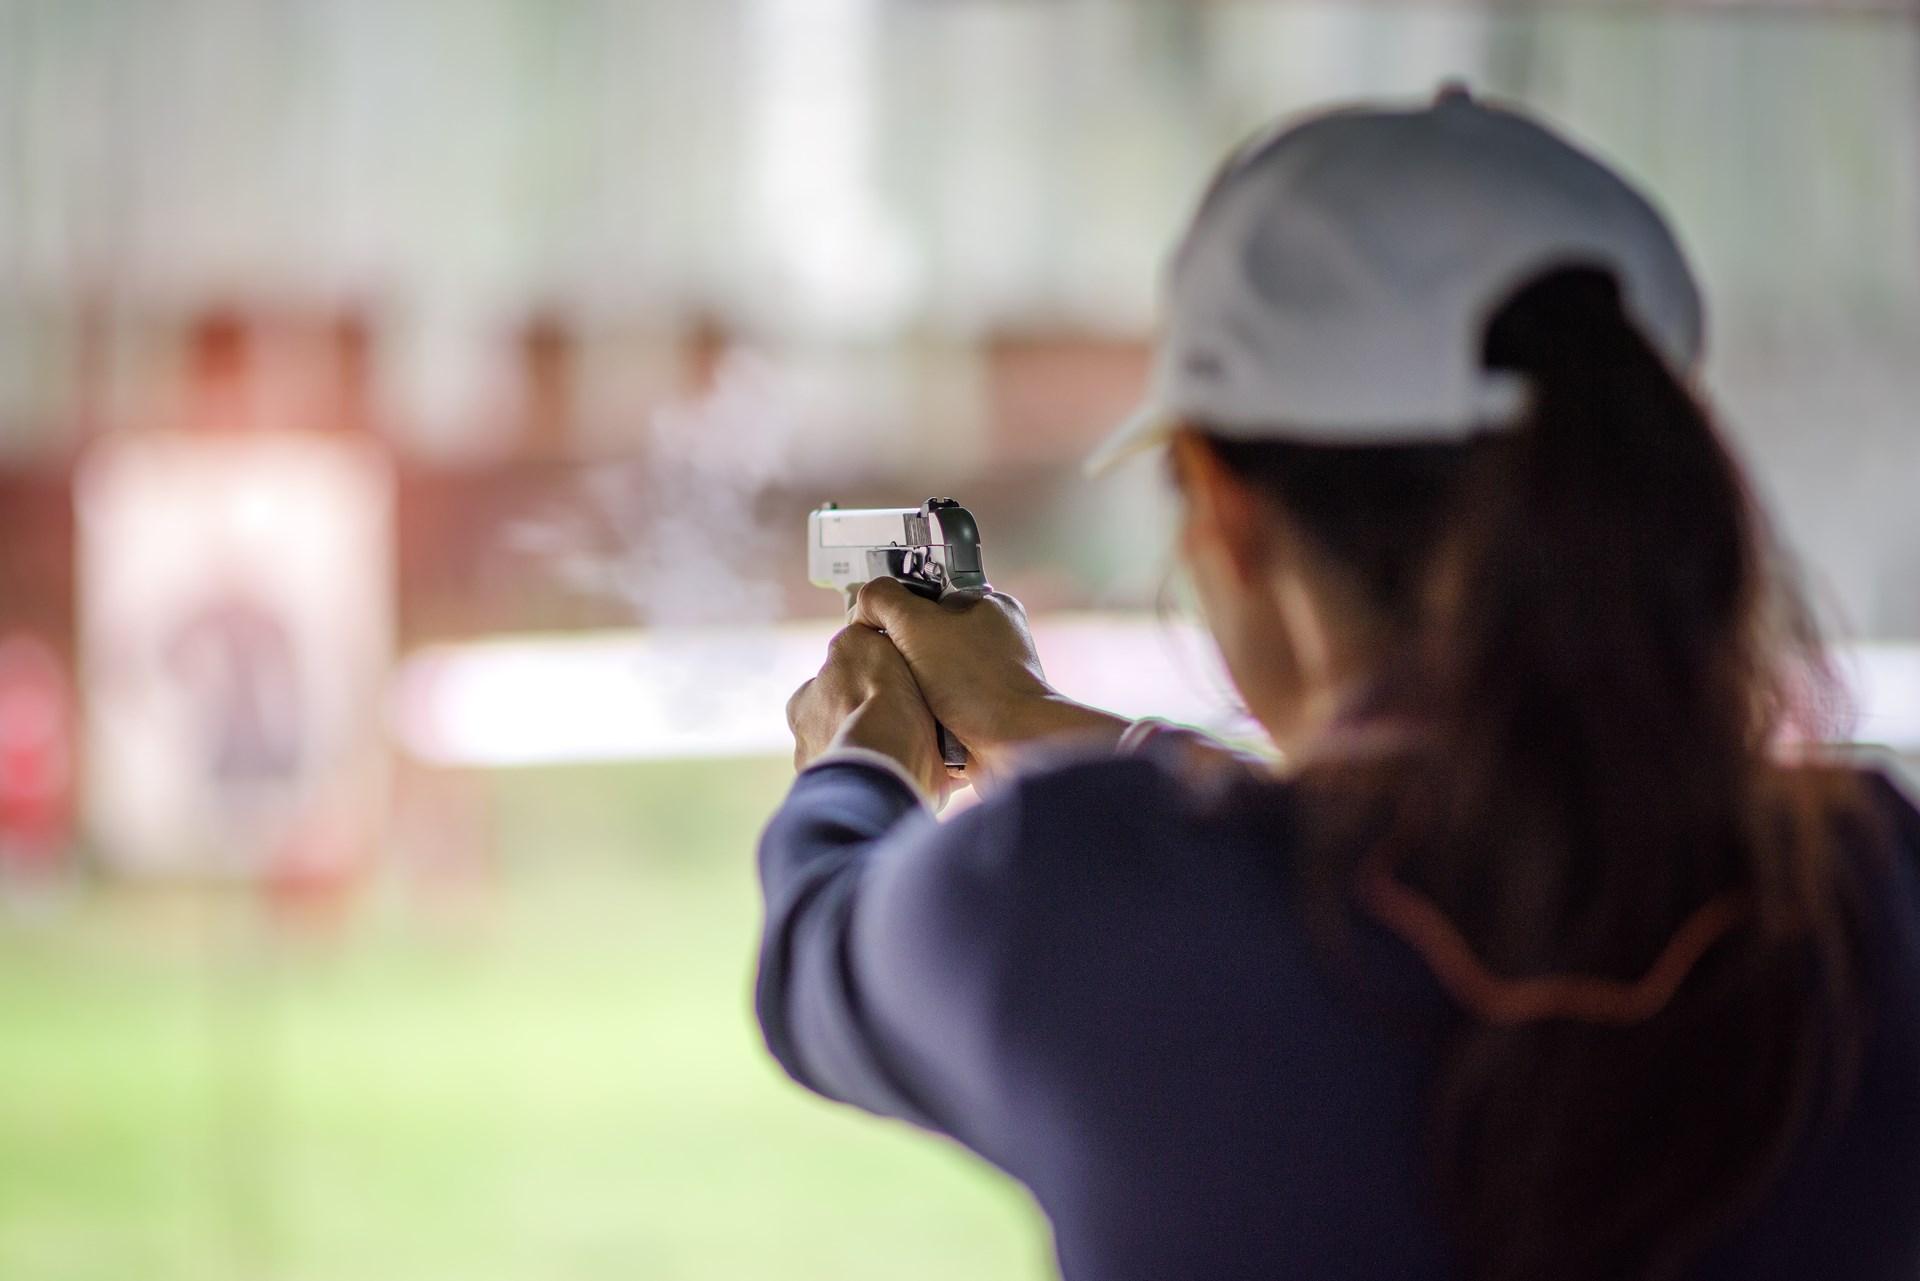 More People Use a Gun in Self-Defense Each Year Than Die in